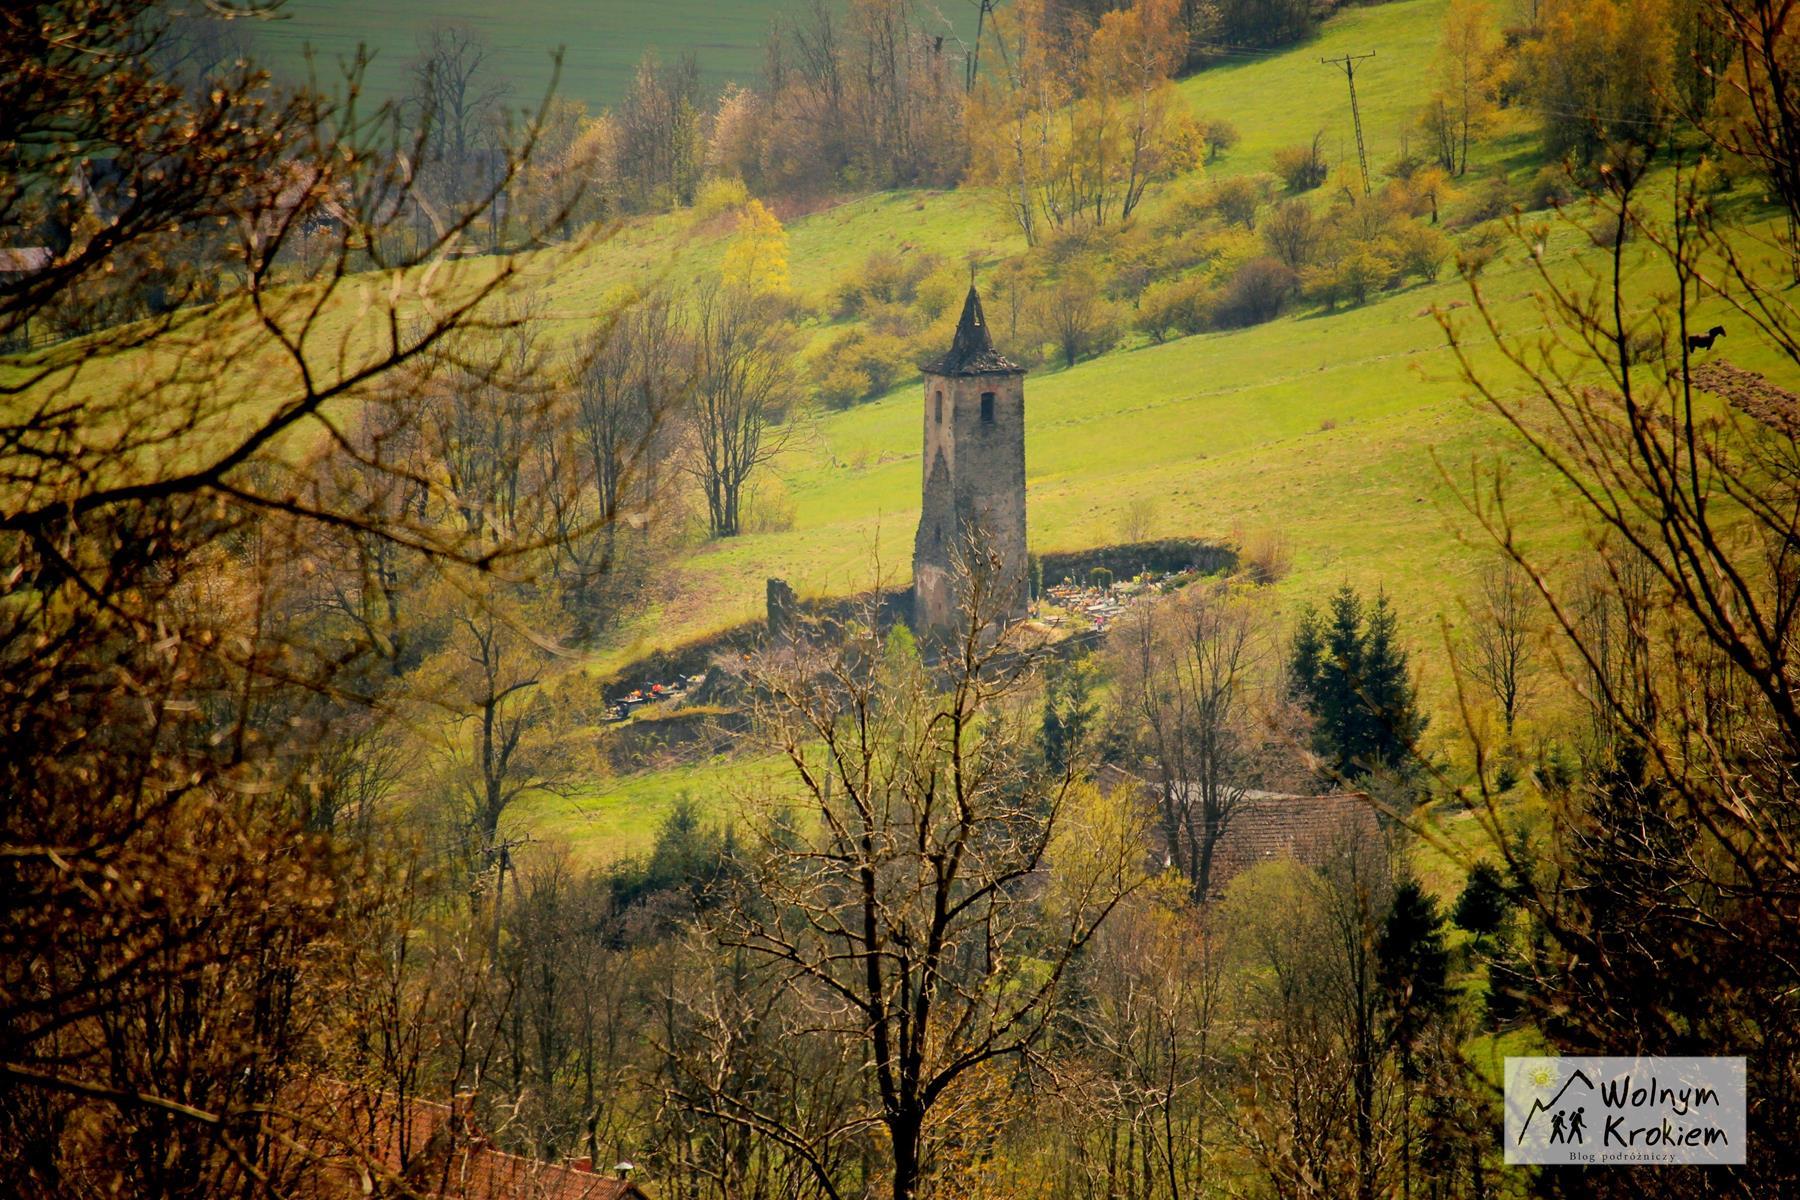 Opuszczona wieża kościelna Pastewnik Dolny Śląsk